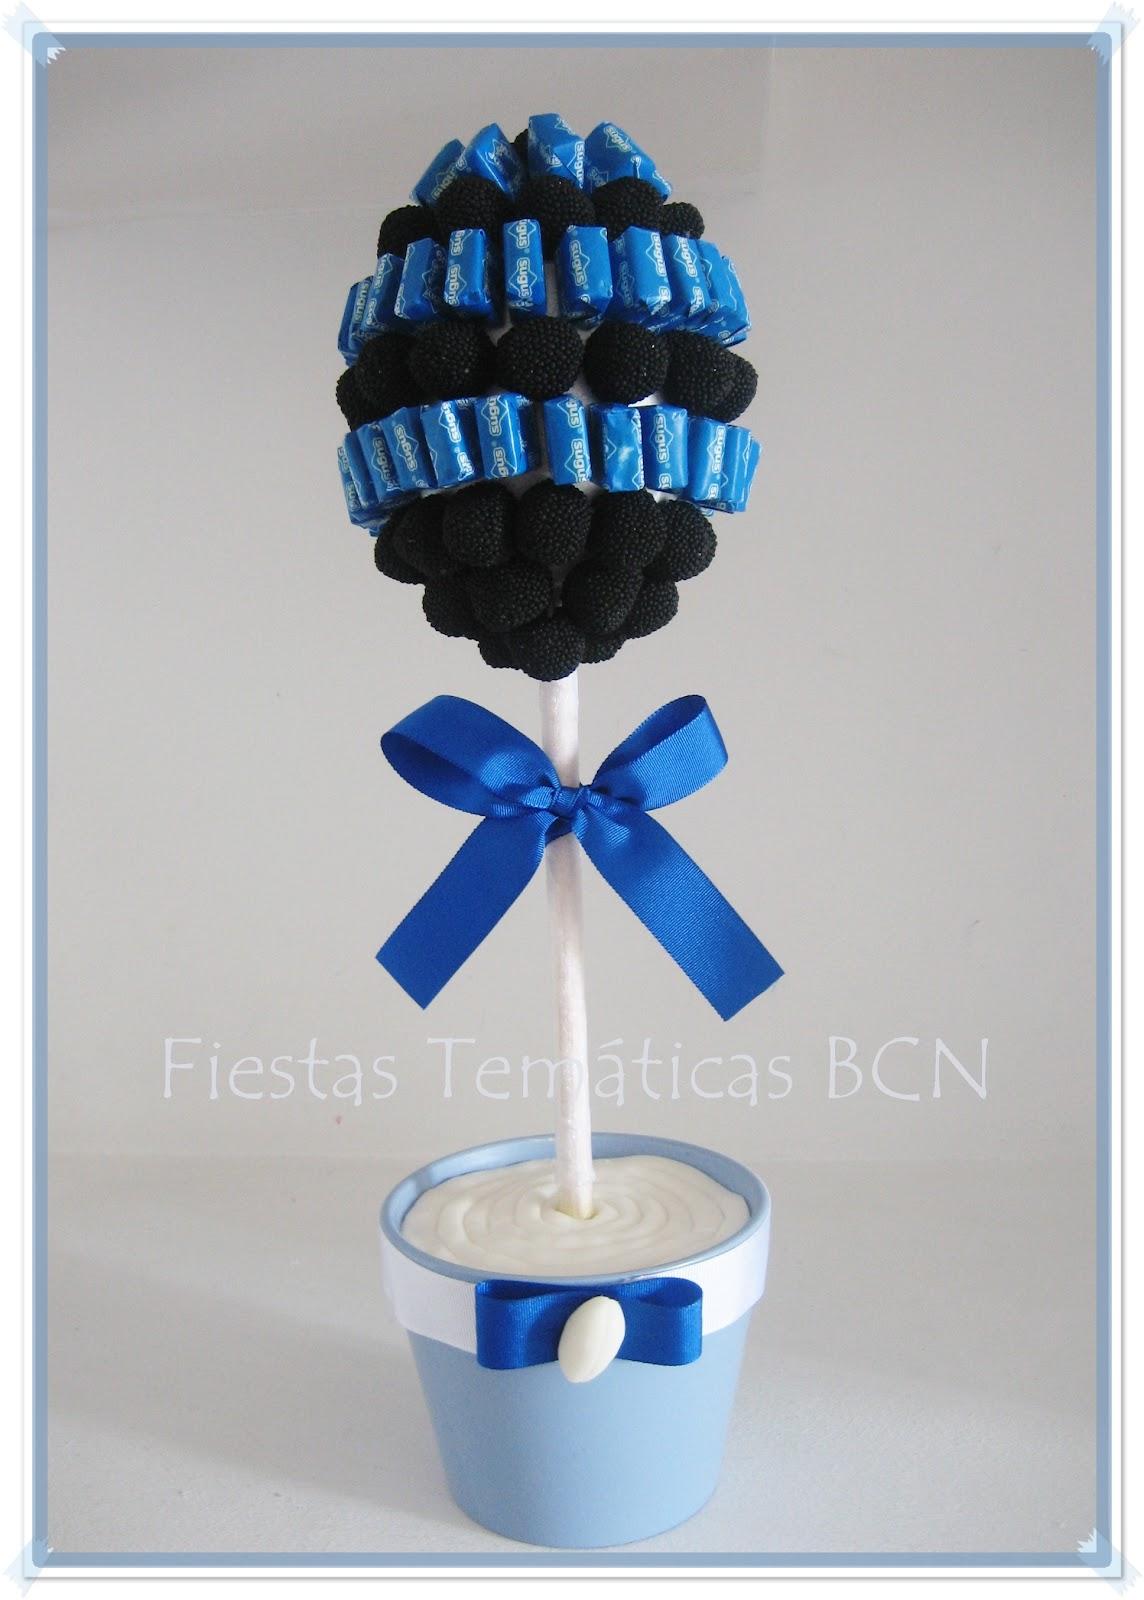 Fiestas tem ticas bcn kits de fiesta imprimibles julio 2012 for Fiestas tematicas bcn